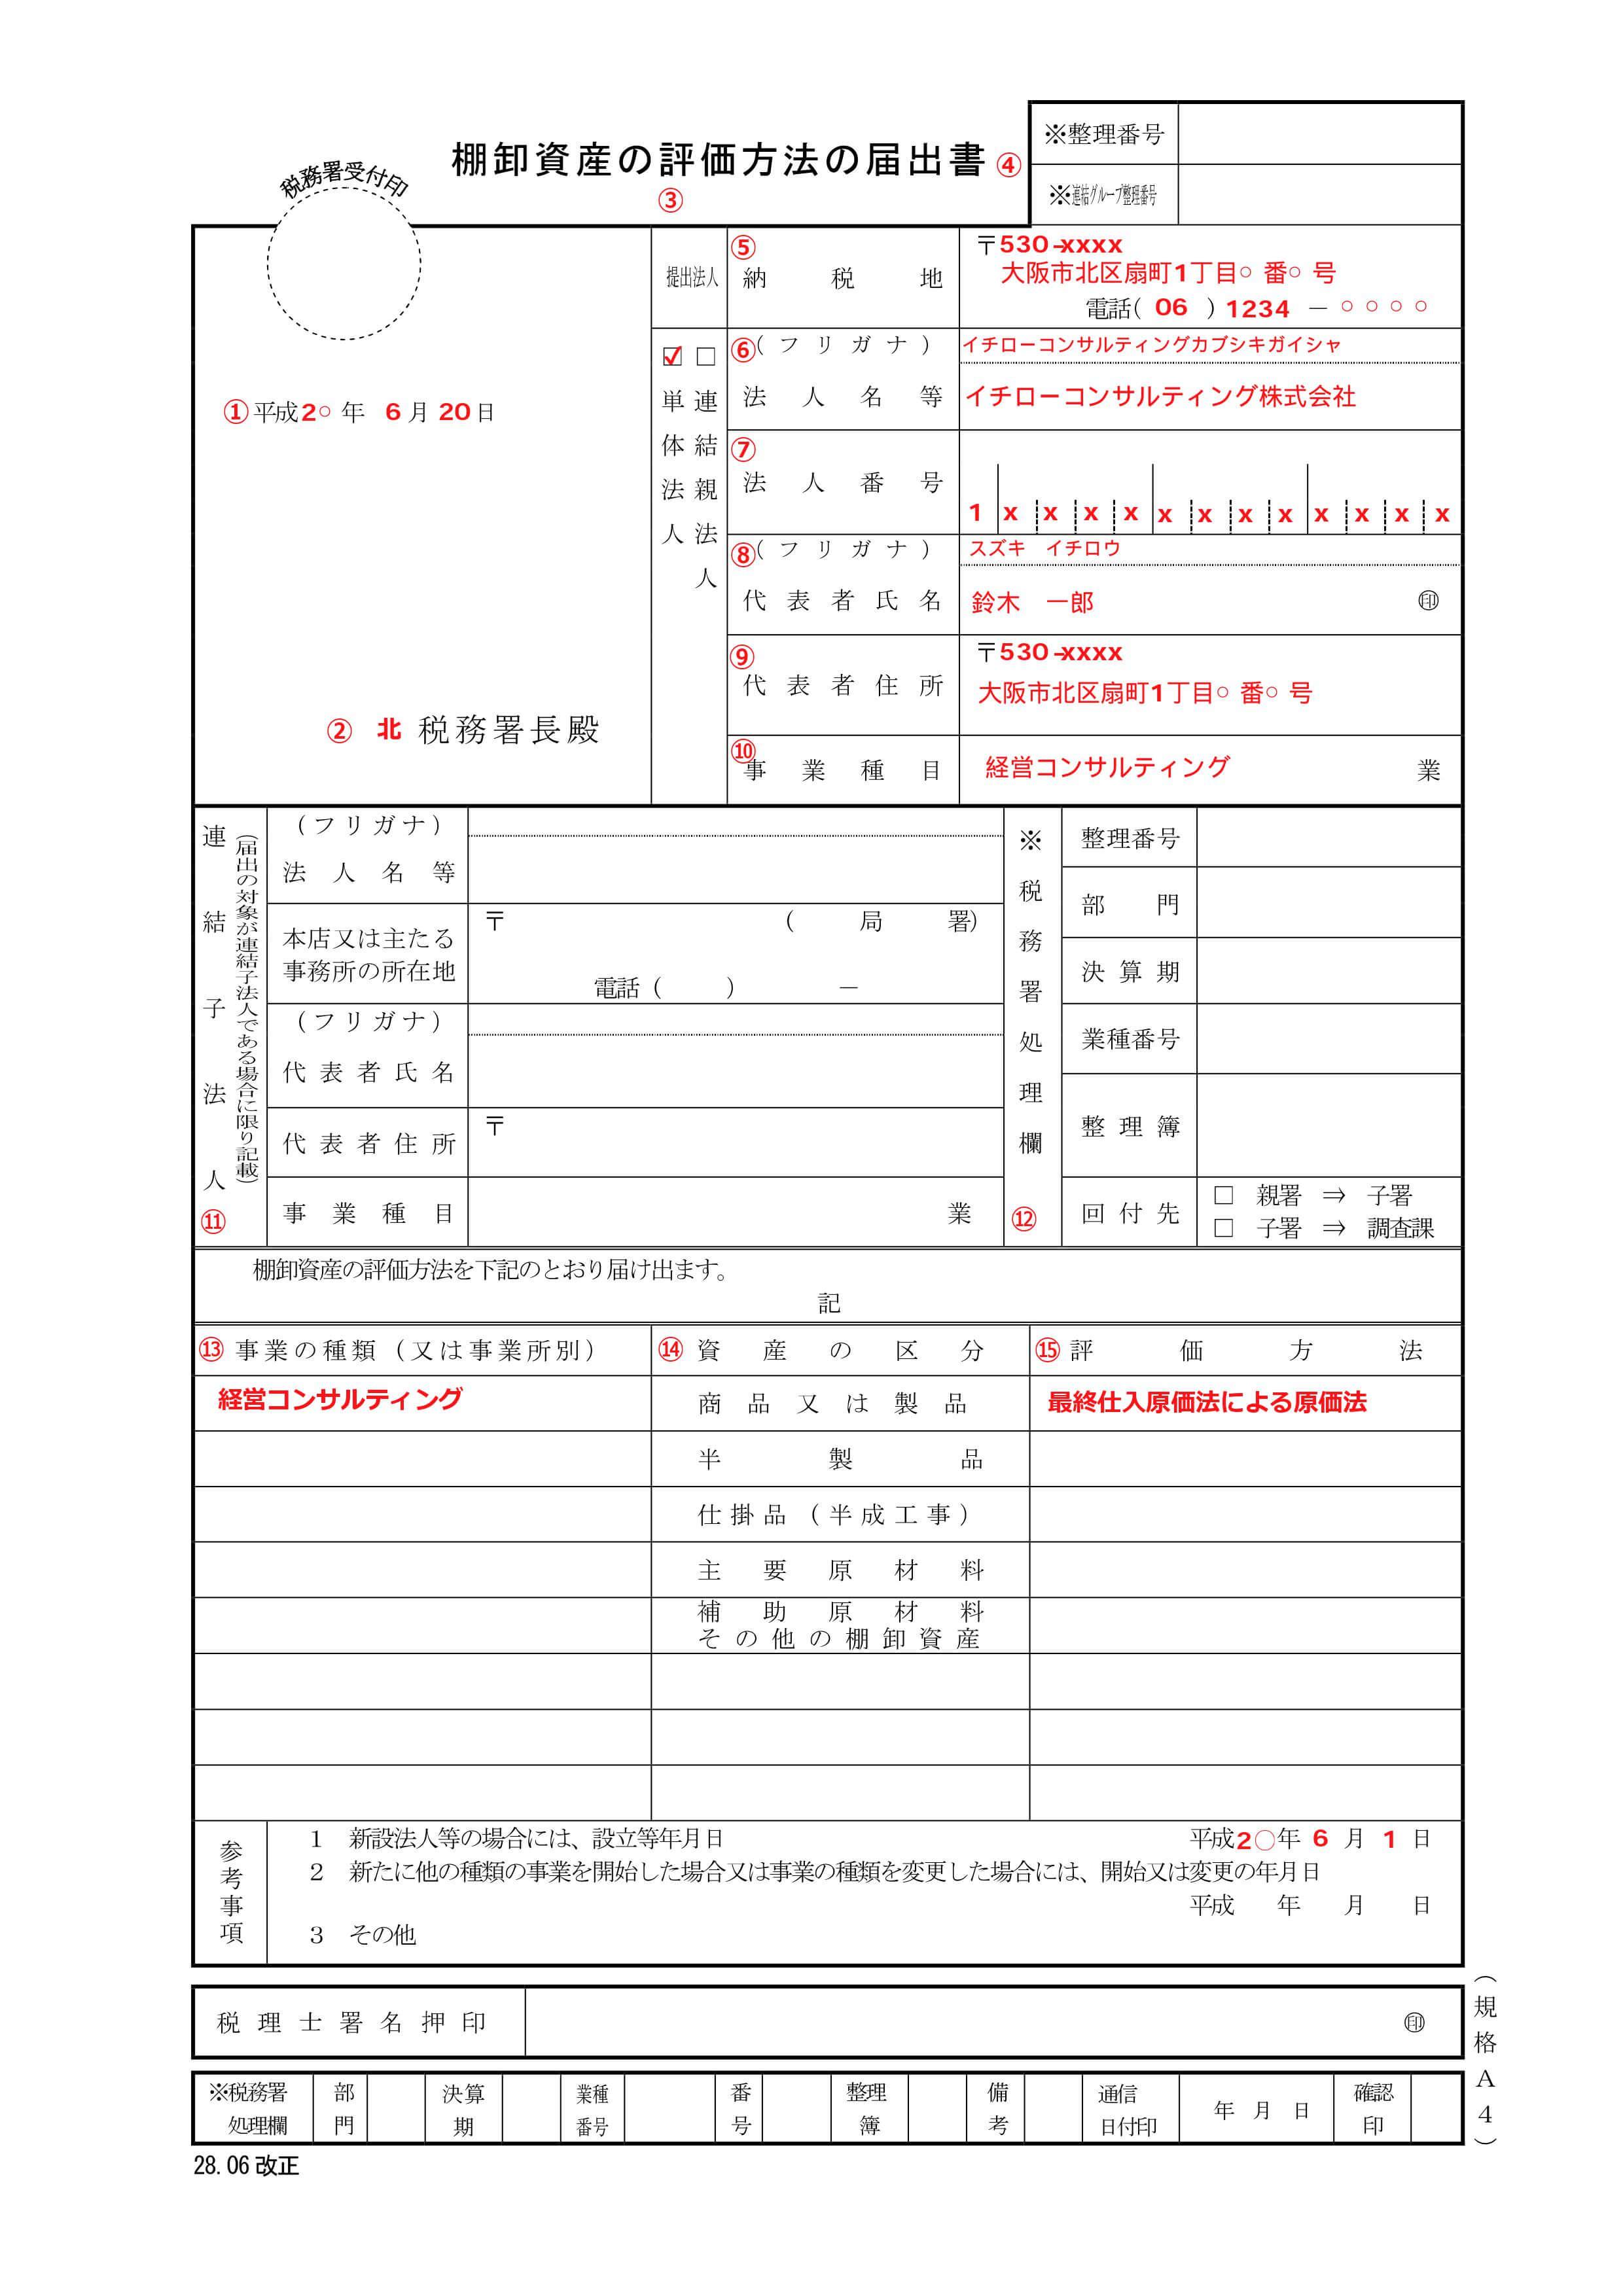 棚卸資産の評価方法の届出書 記入例